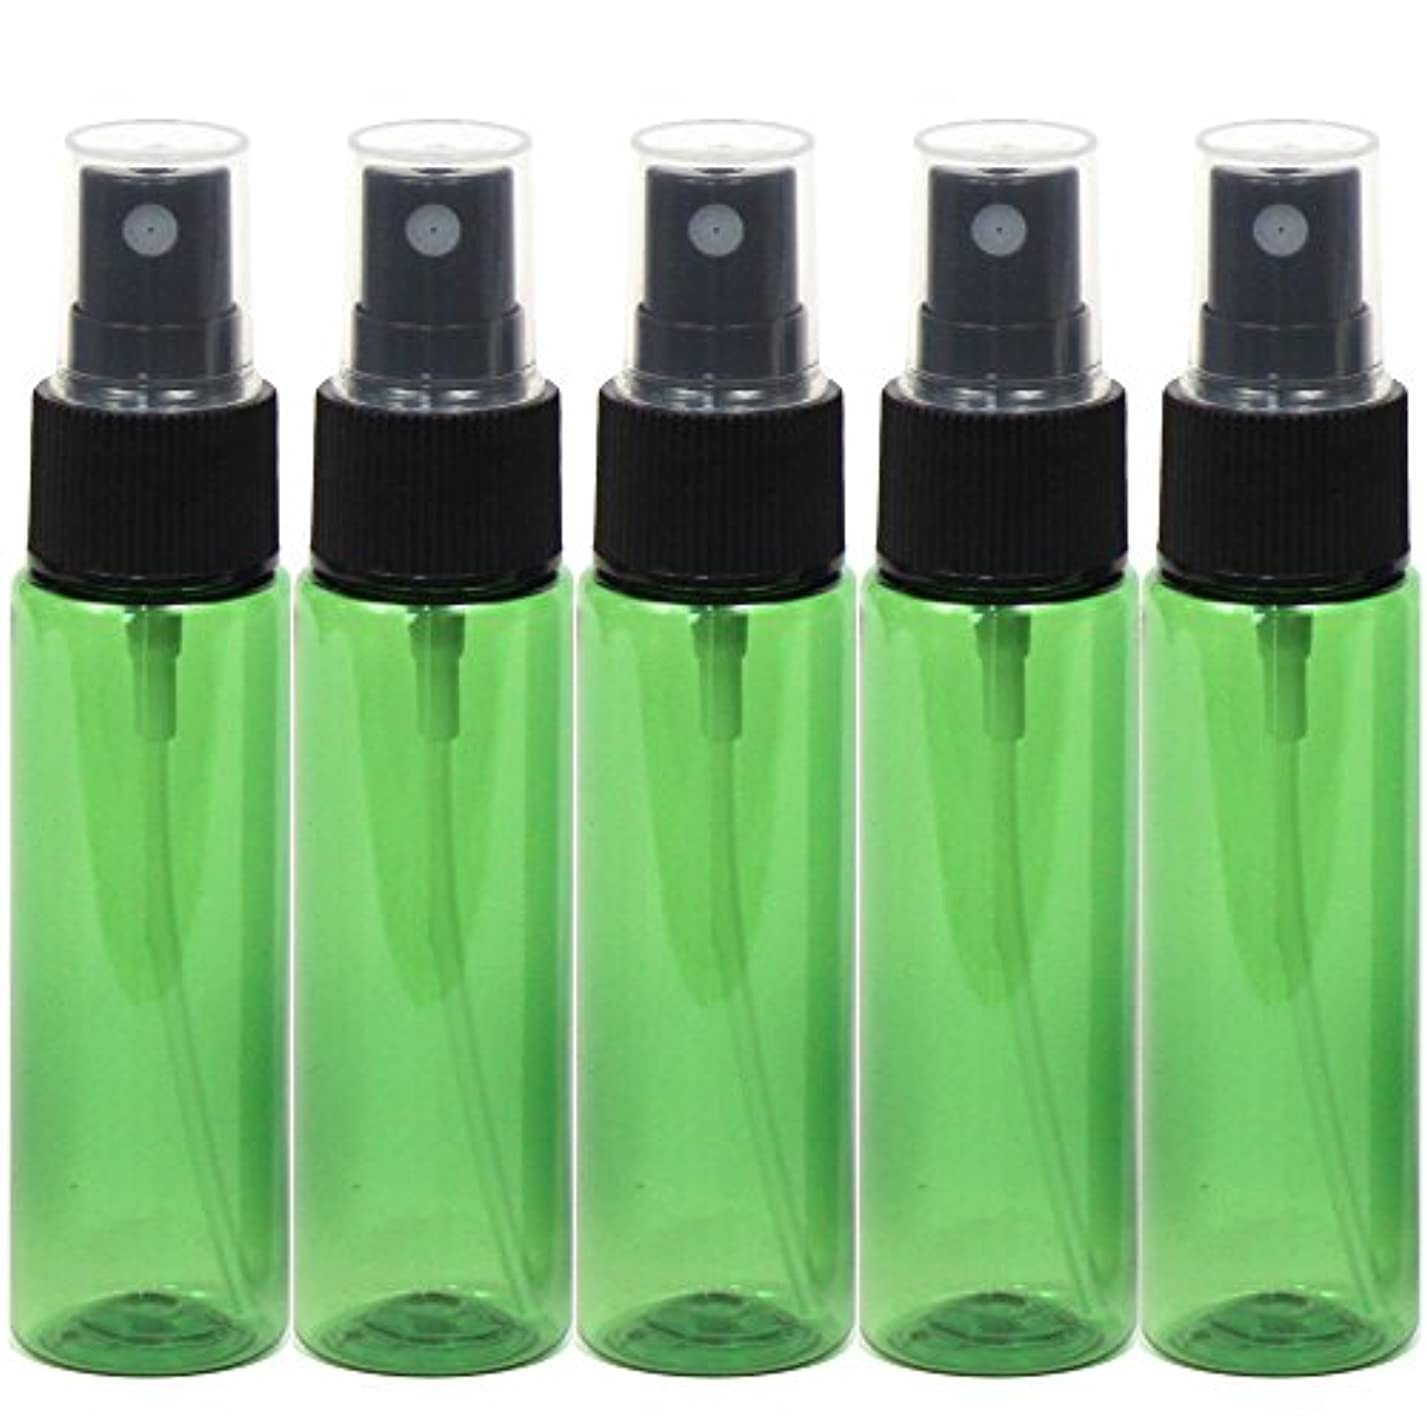 罪悪感領事館正午スプレーボトル 30mL グリーン 5本セット 遮光性 おしゃれ空容器gr30-5